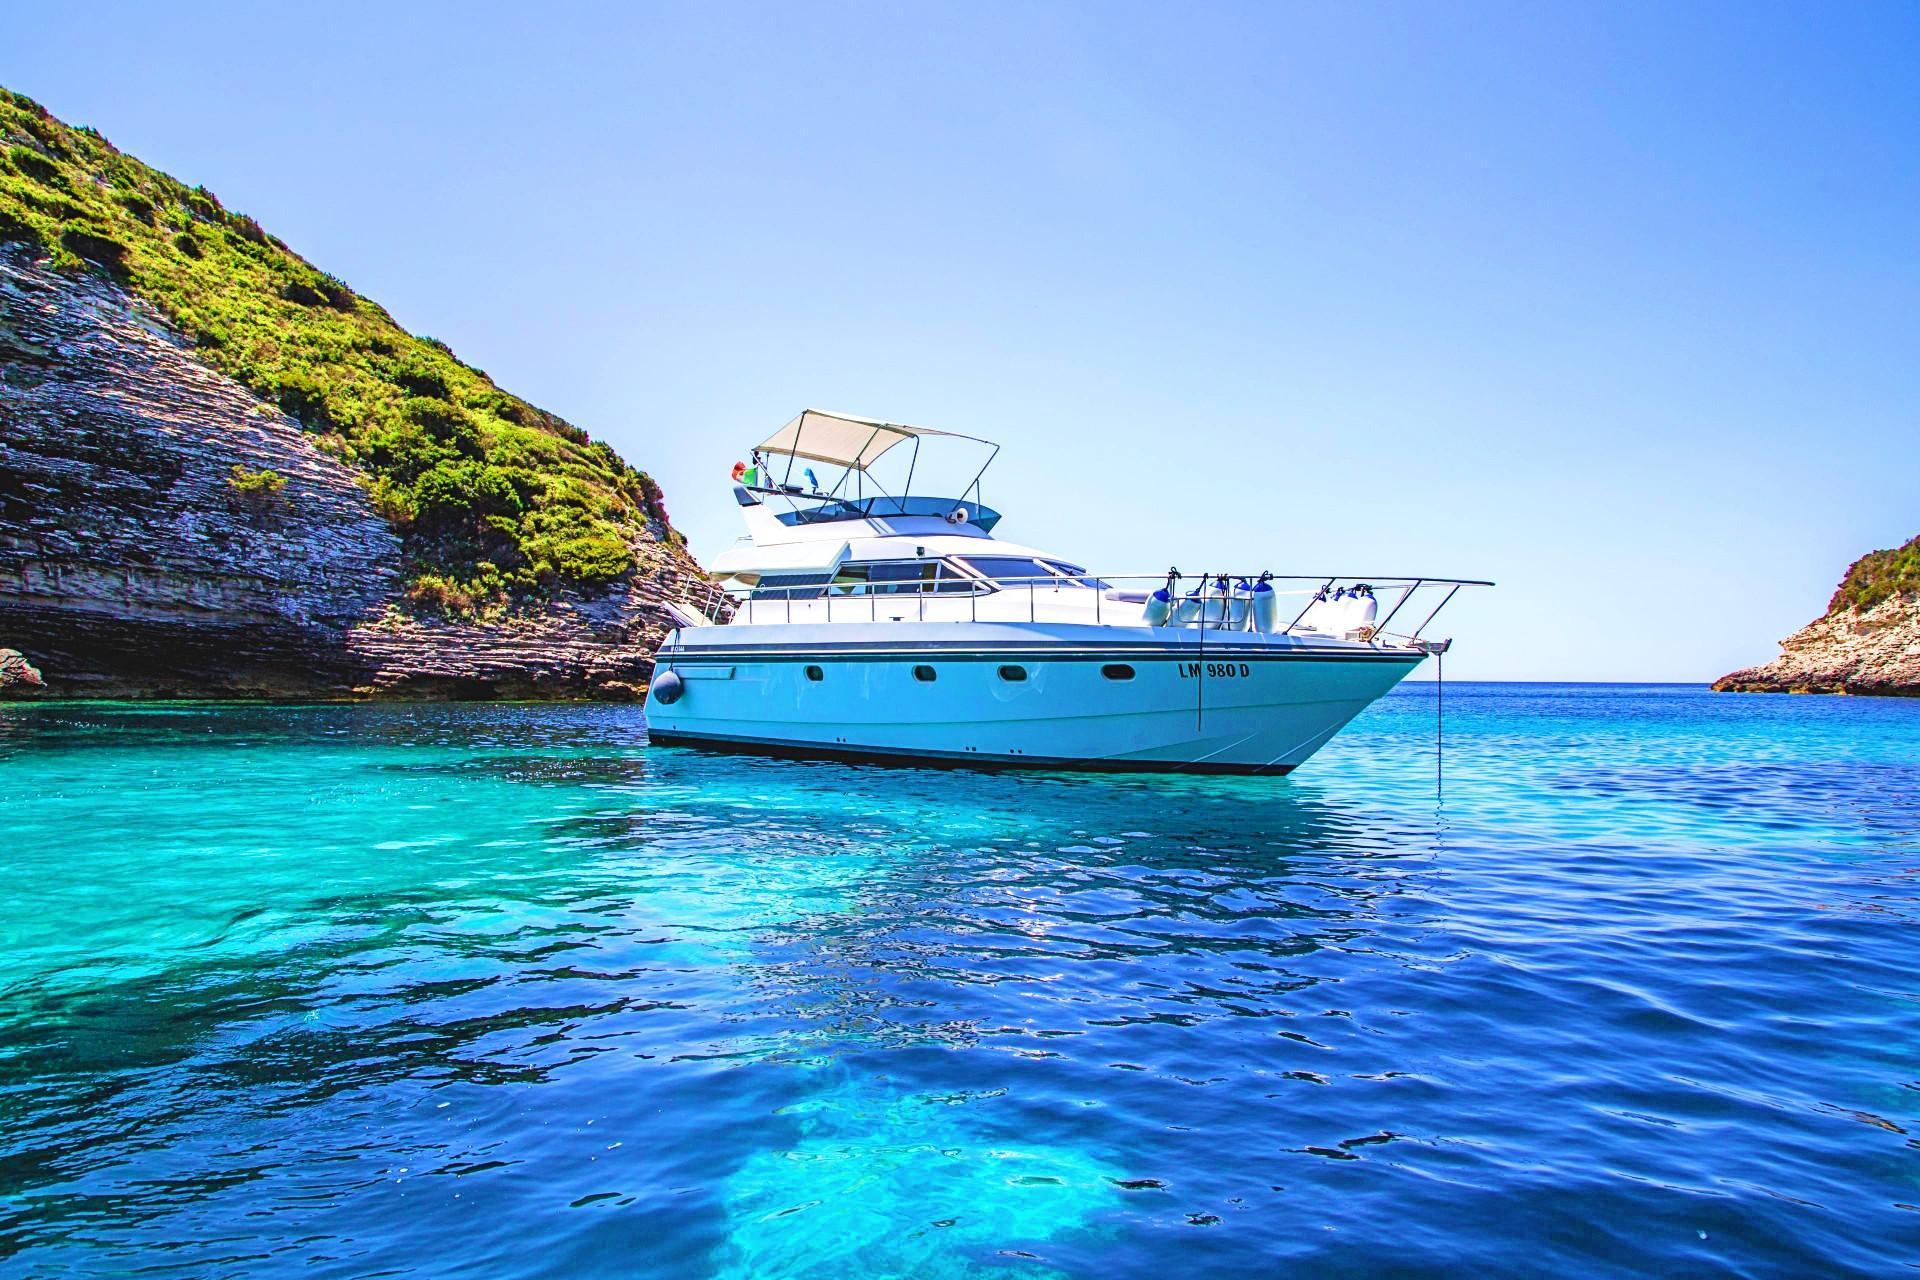 La barca Maggir Leggero si è fermata per fare ammirare il panorama dell'arcipelago di La Maddalena ai partecipanti al tour privato in barca.